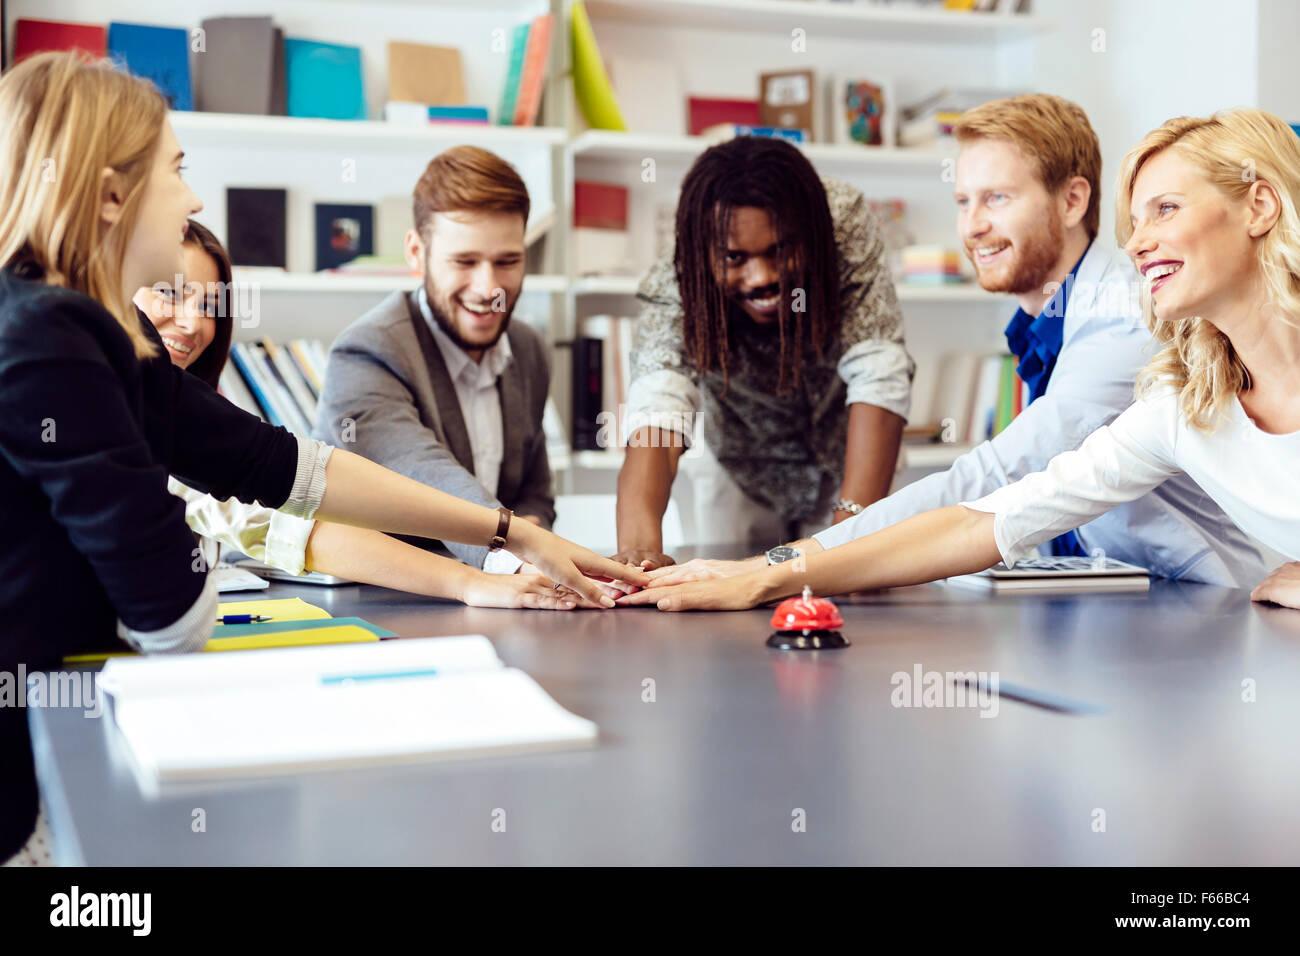 Uniti come uno per conseguire gli obiettivi della società - ogni collega mettendo fatica nel progetto Immagini Stock